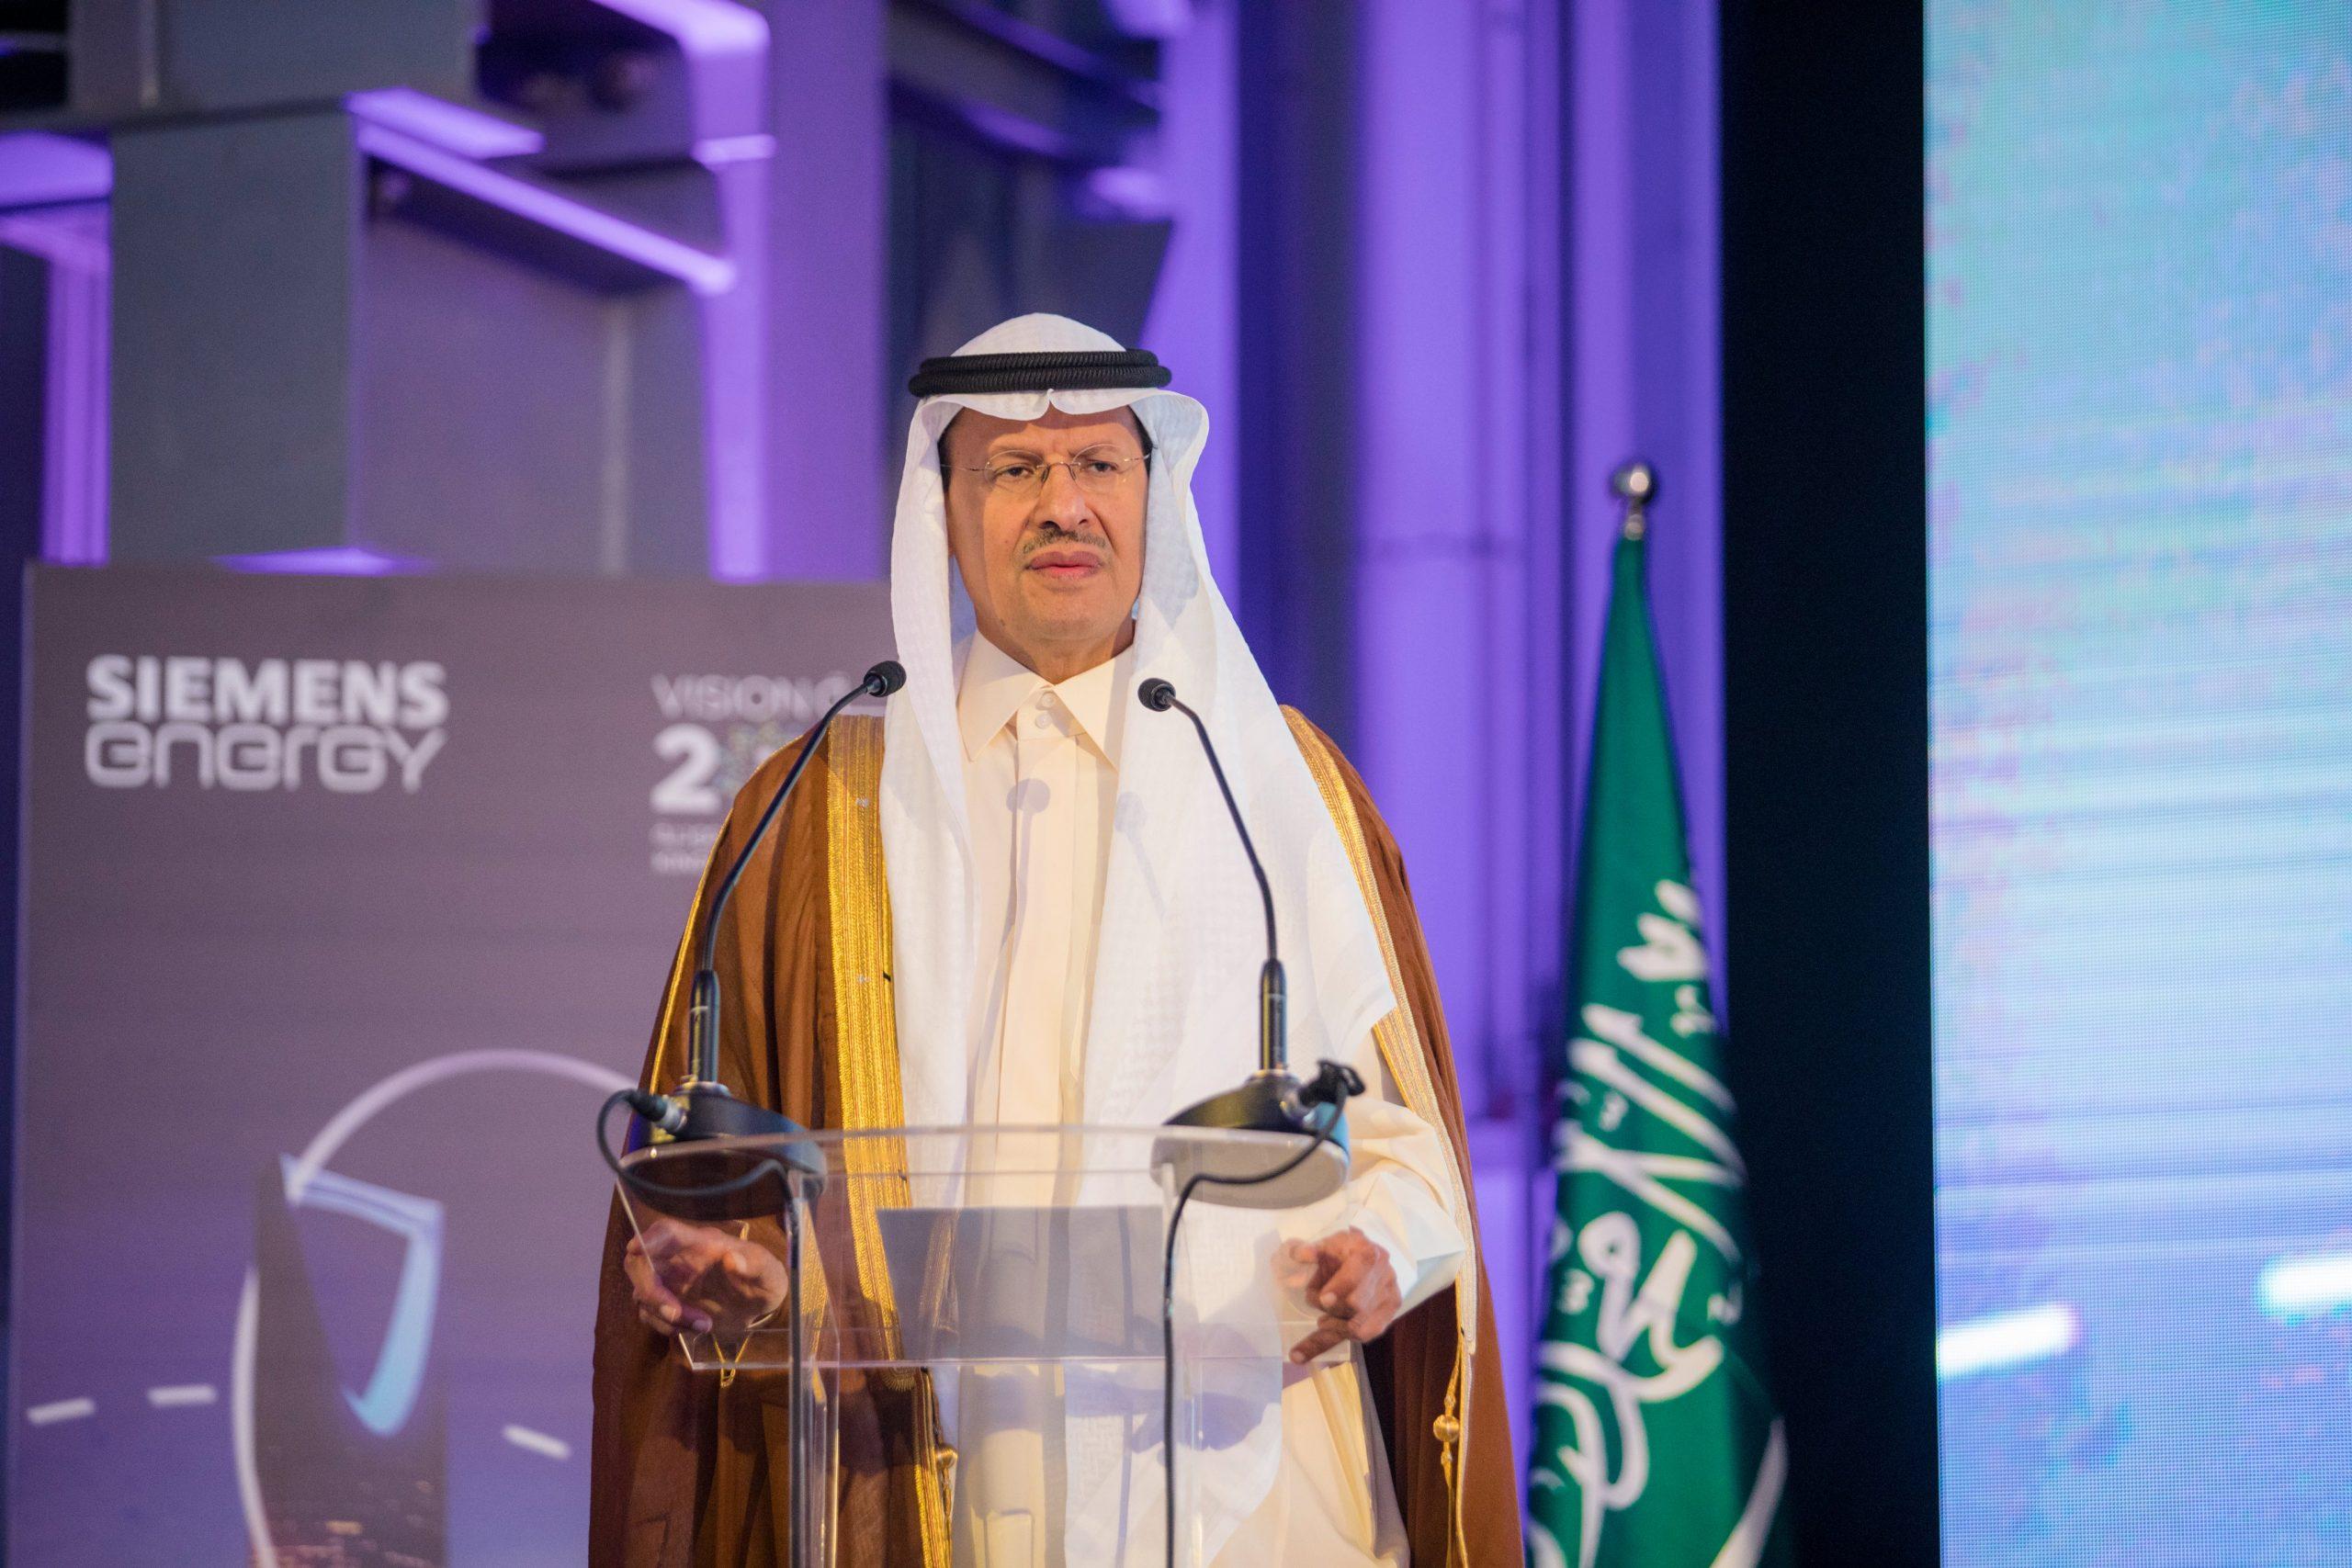 وزير الطاقة السعودي خلال احتفالية تدشين توسعات سيمنس